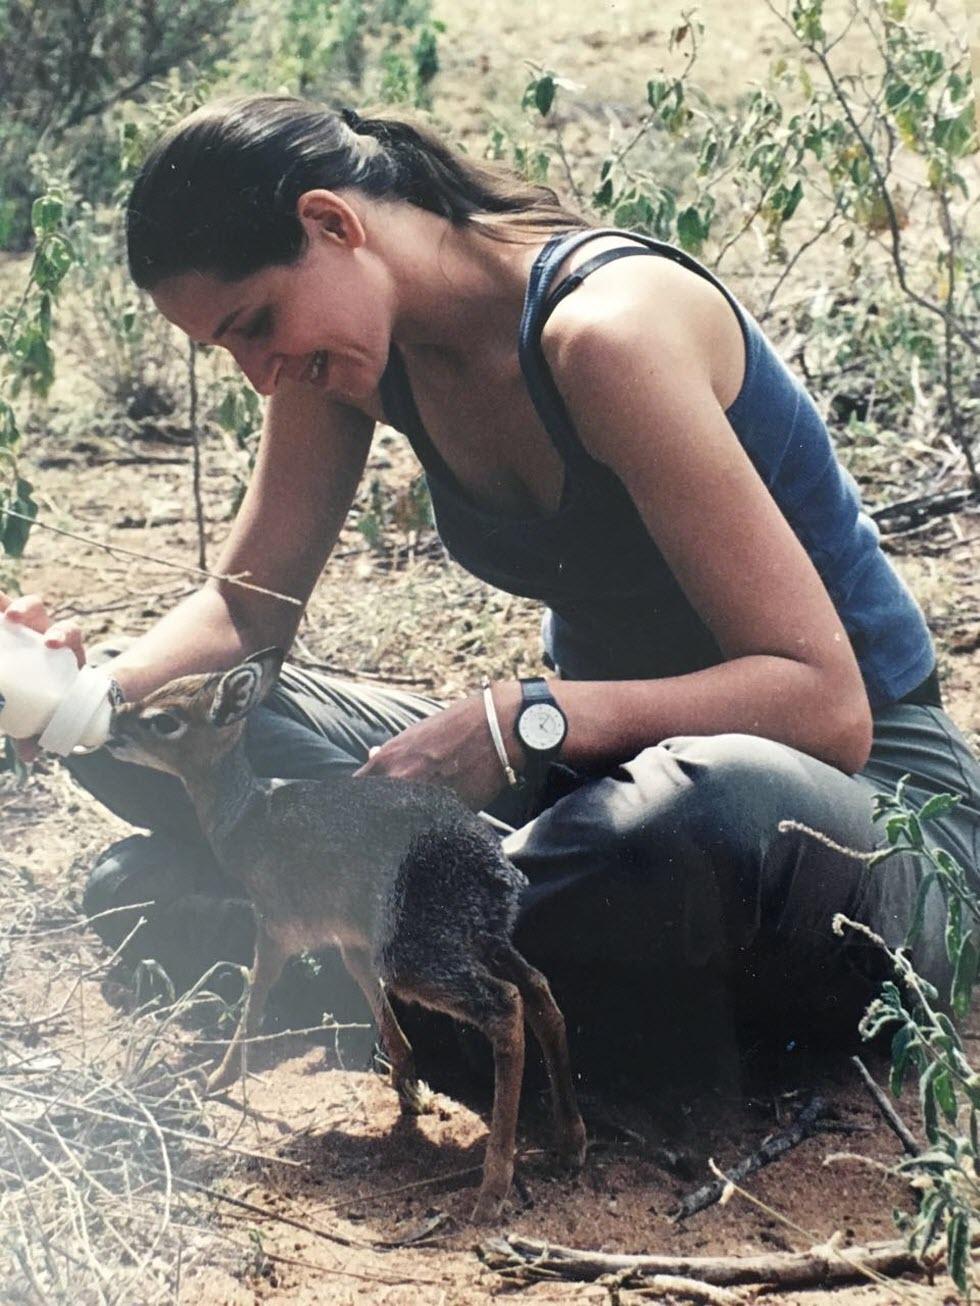 הטבע הוא אהבה ראשונה וגדולה. רונה באפריקה. (צילום: מהאלבום הפרטי של רונה) (צילום: אפריקן דרייב) (צילום: אפריקן דרייב)